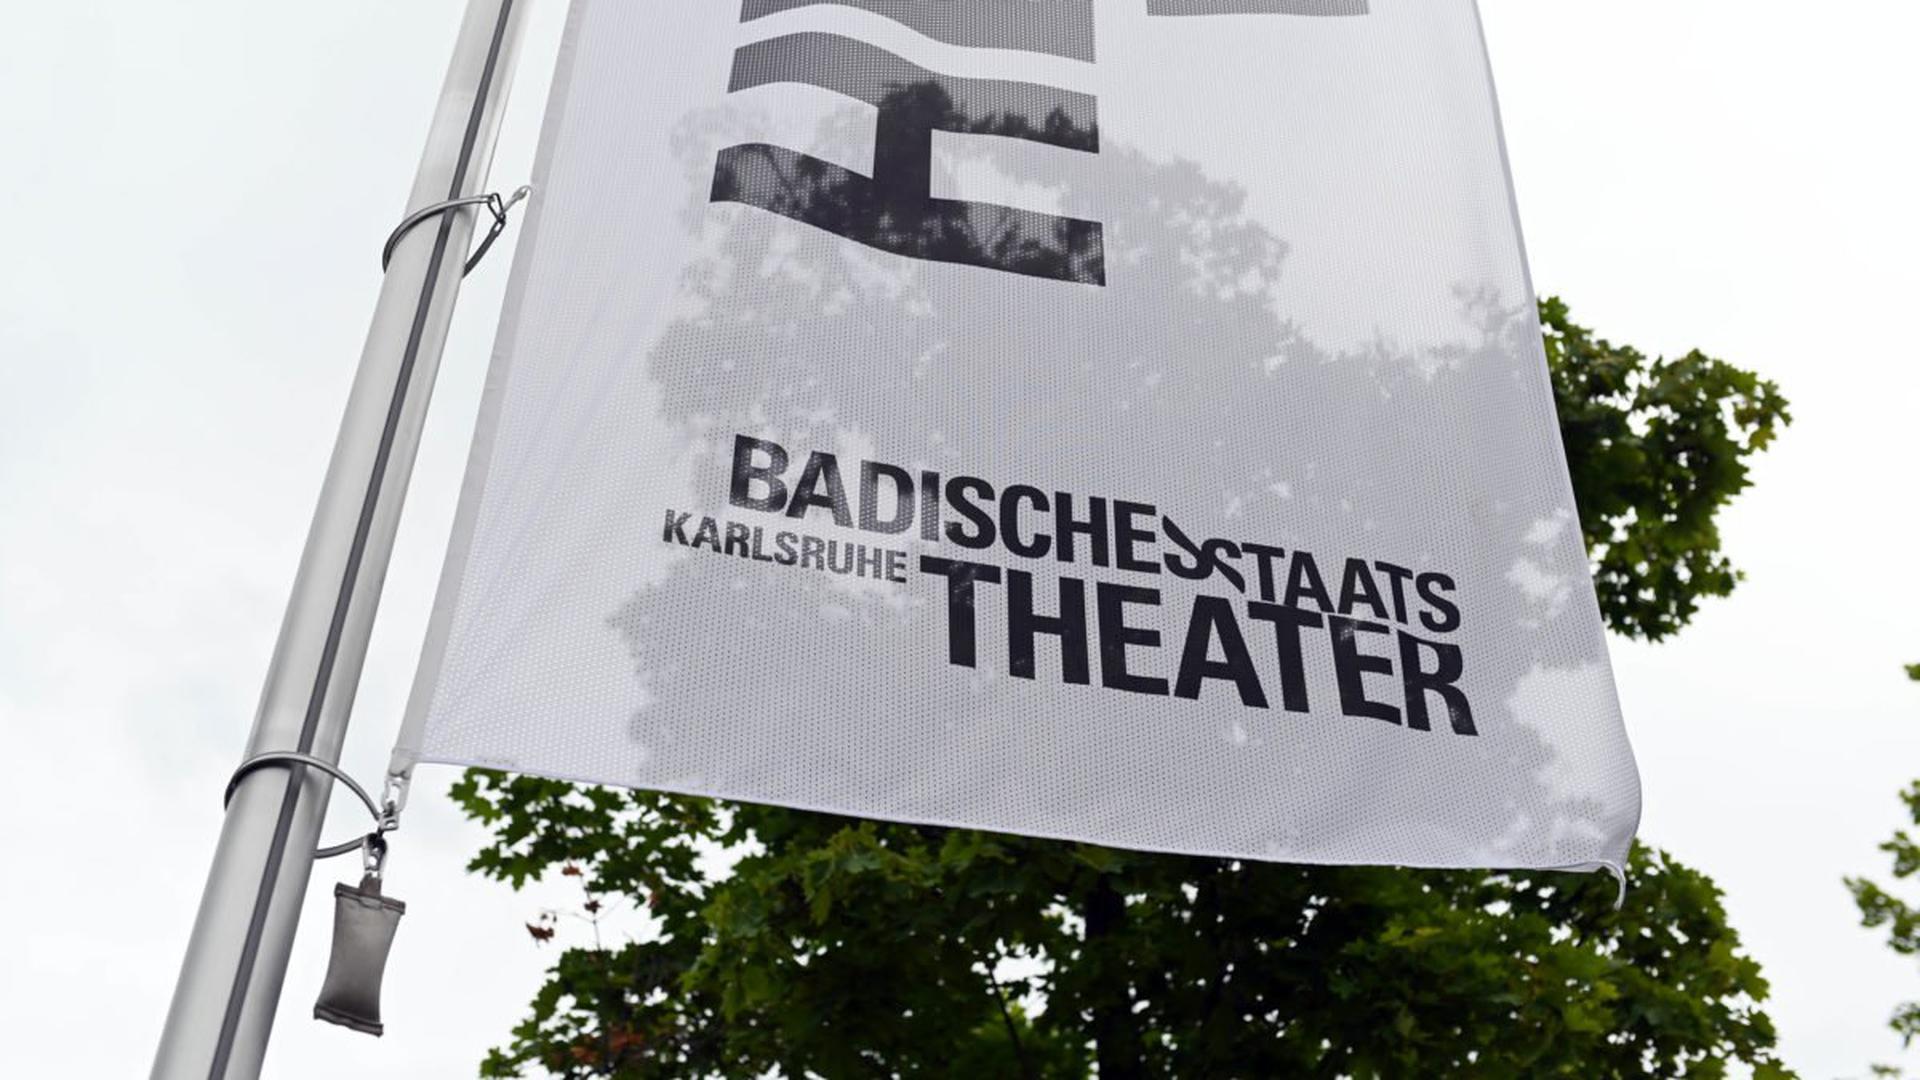 Nicht nur in Karlsruhe hat der Führungsstil von Theaterleitern Konflikte ausgelöst. Bundesweit wird über eine Reform der überholten hierarchischen Strukturen diskutiert.